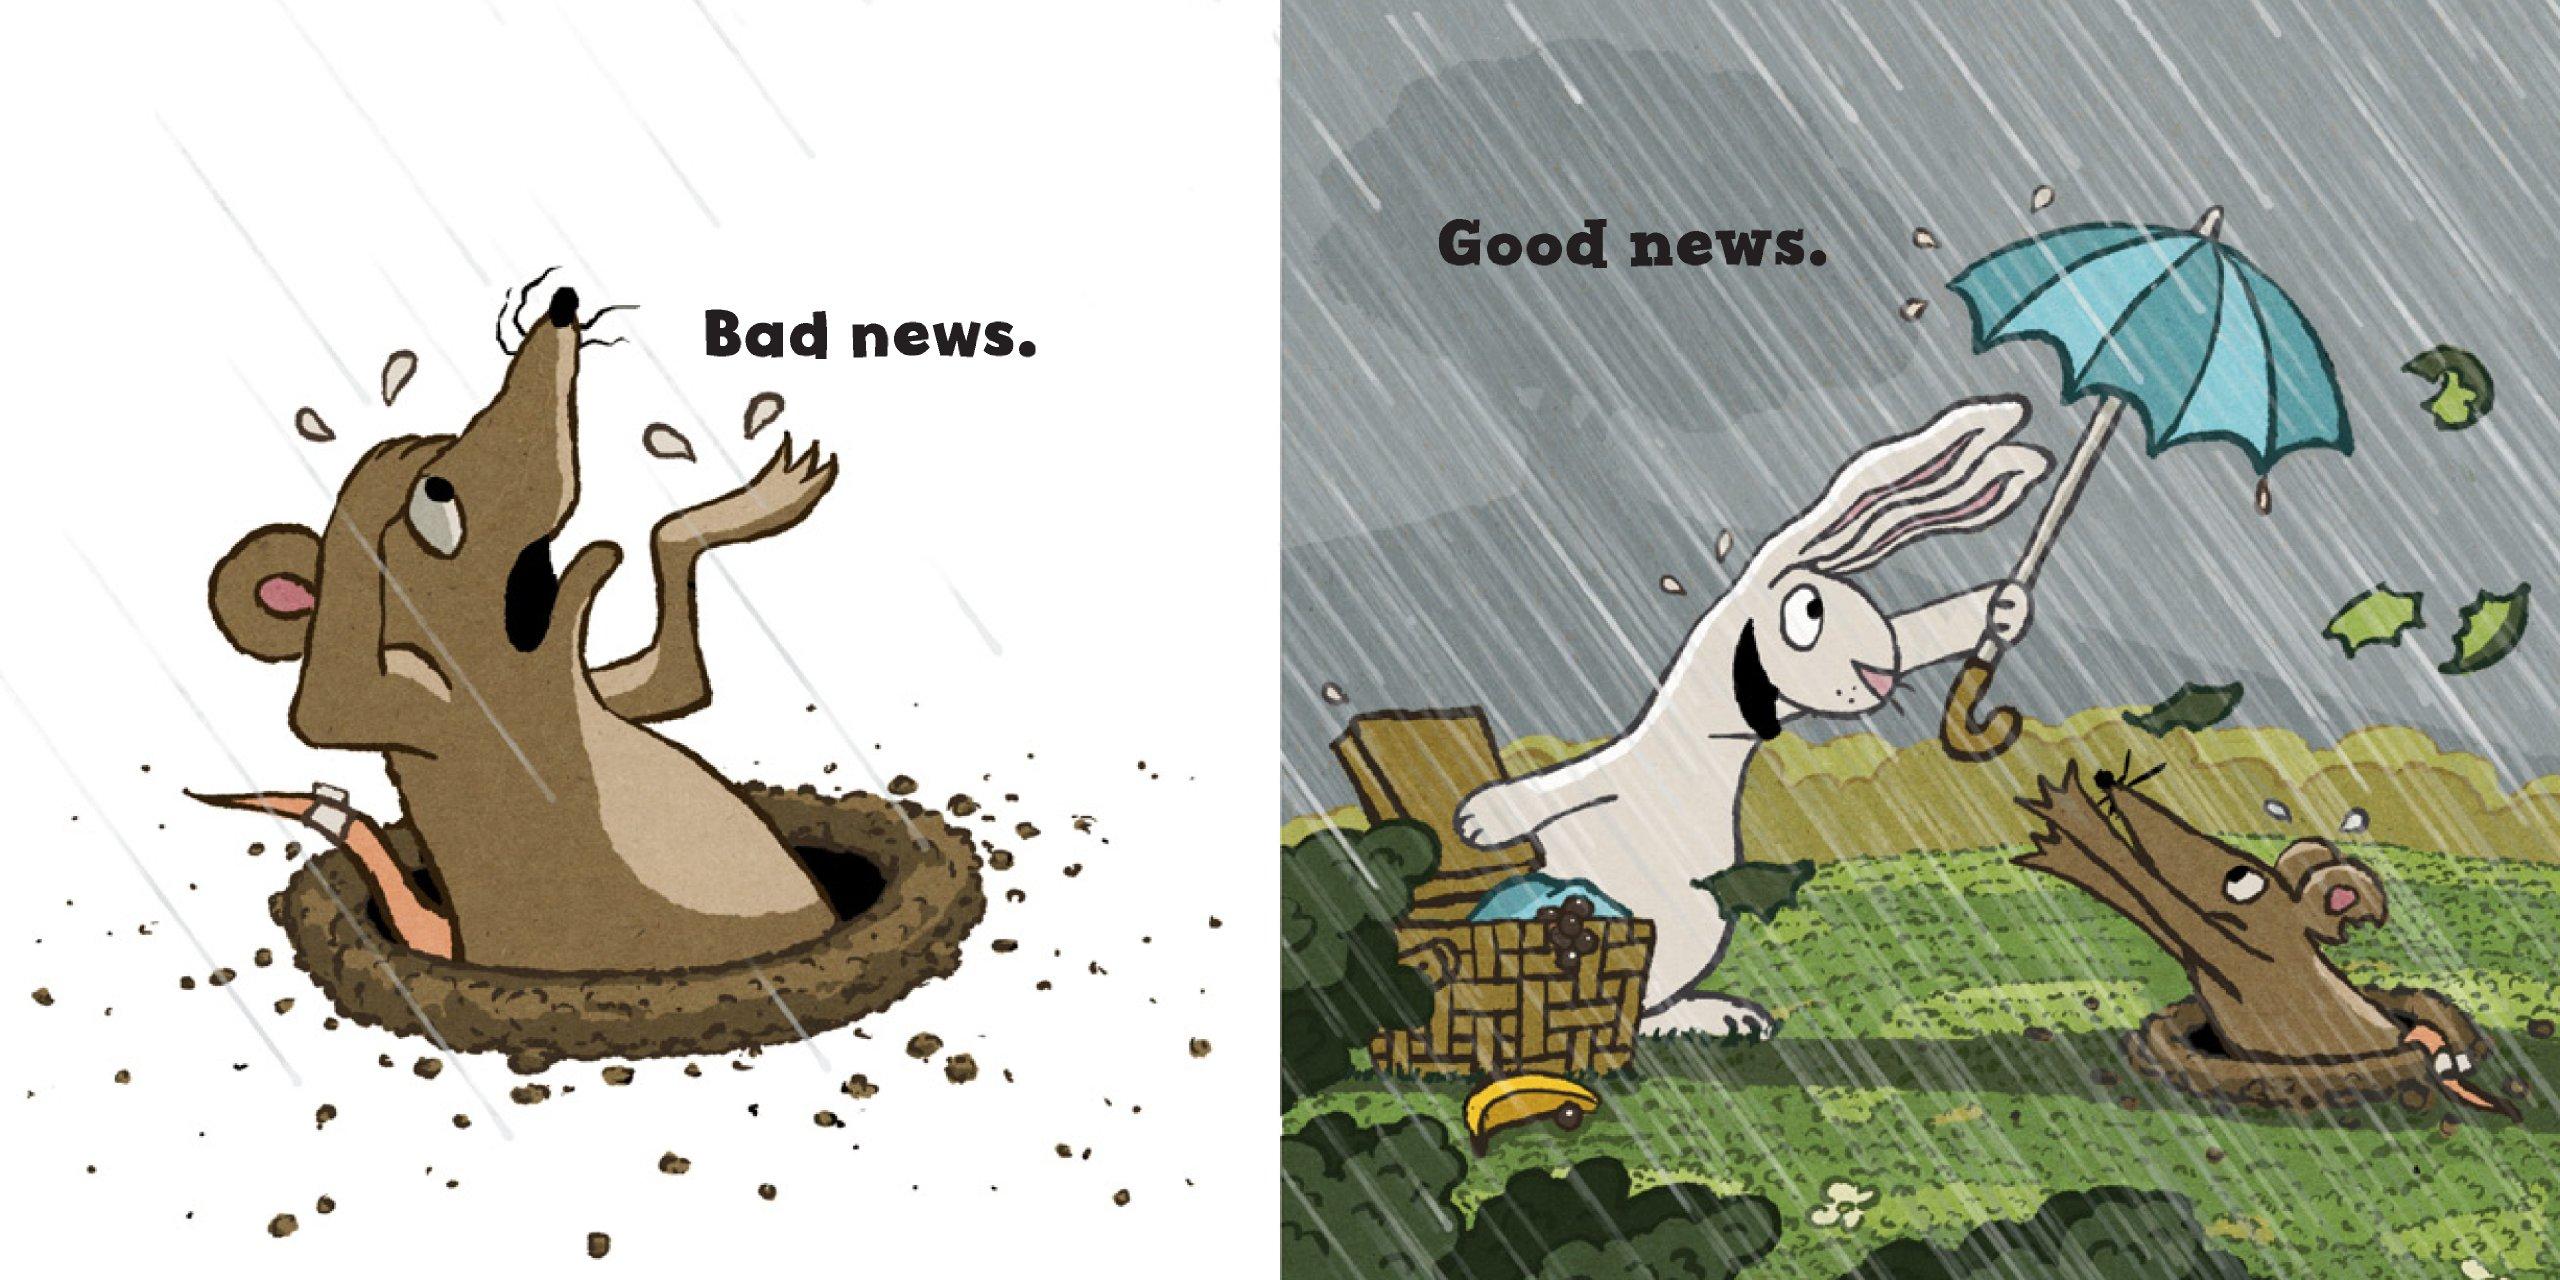 圖片:Good news bad news